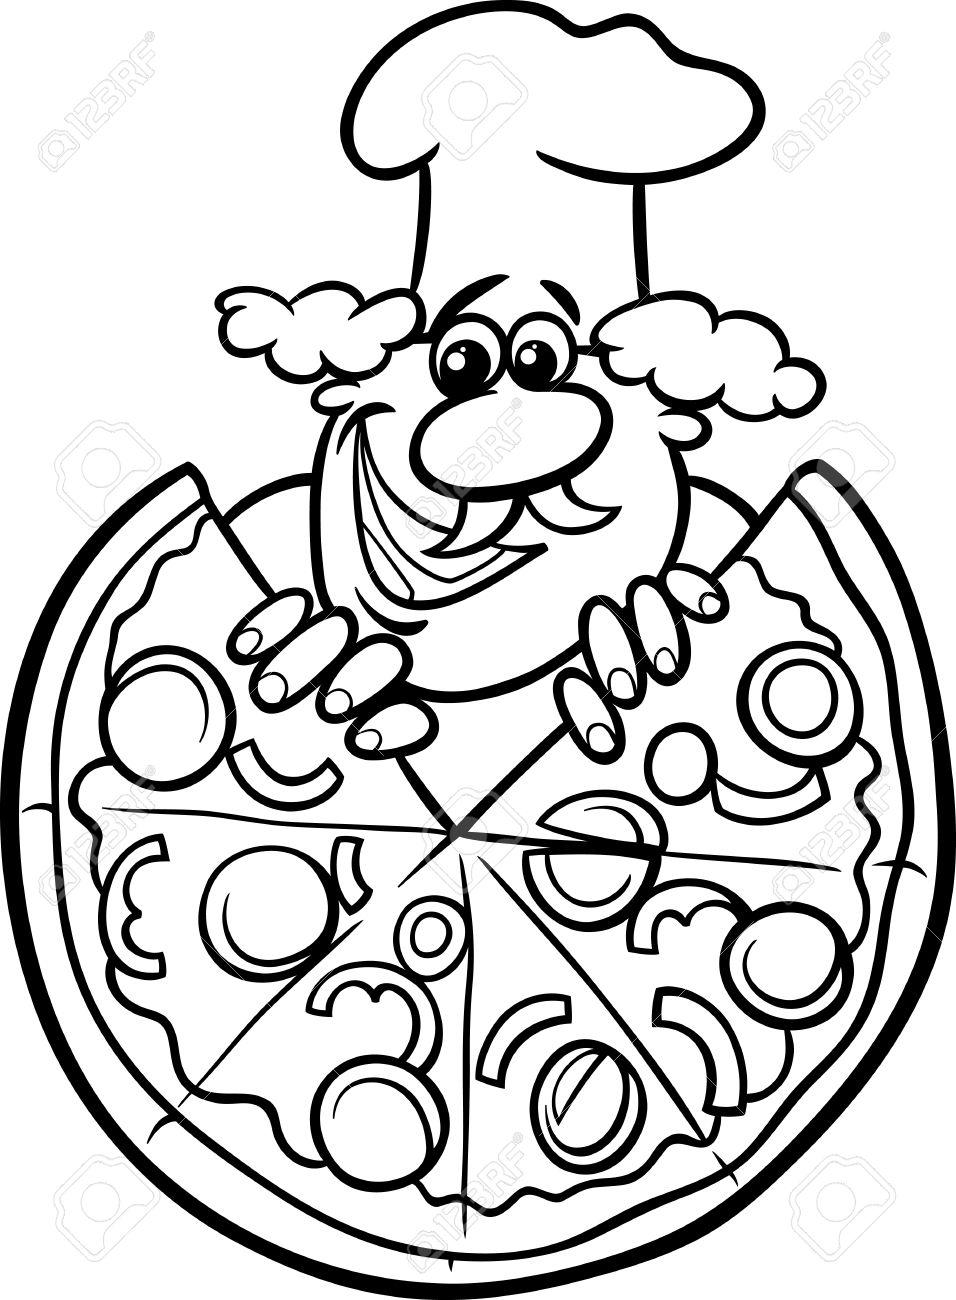 Schwarz Weiß Karikatur Illustration Der Italienischen Koch Oder